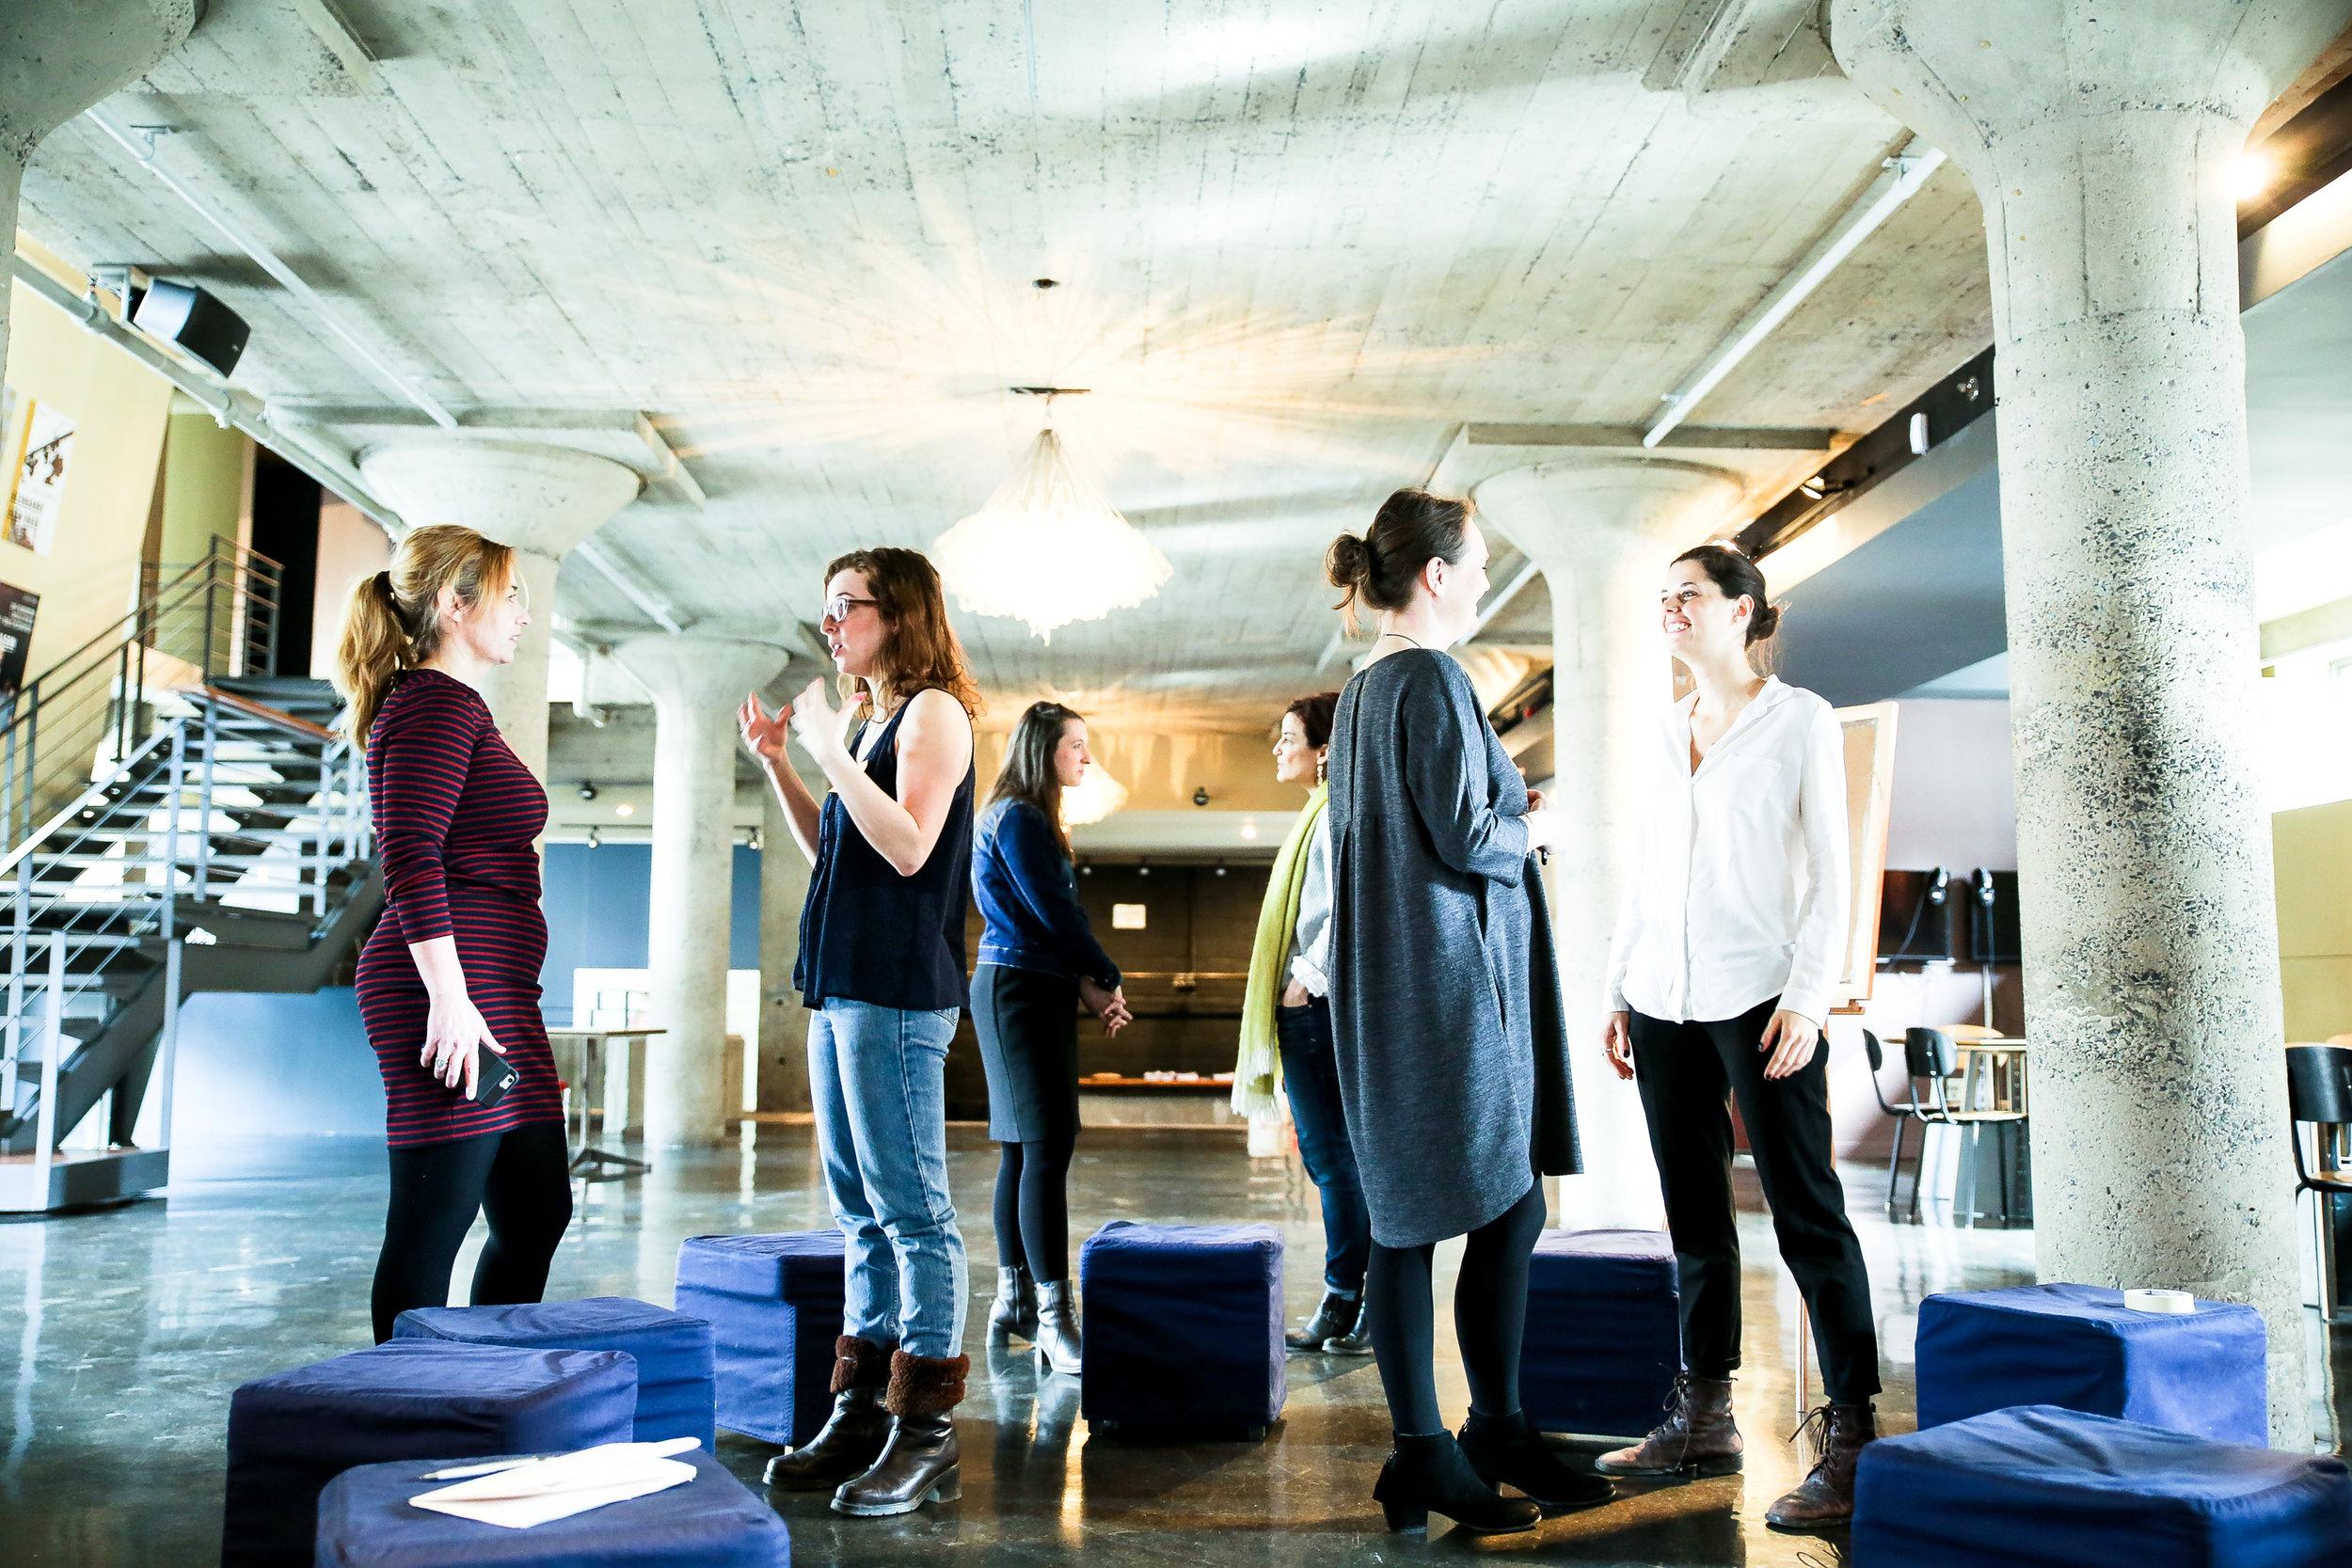 Usine C - Réinventer l'expérience du spectateur avant et après le spectacle avec une dizaine de membres de l'équipe. Un projet de fond sur 6 mois : observation des publics, créations, prototypages et tests. Une magnifique histoire de transformation d'équipe. Une collaboration avec Hanneke Ronken.#DesignThinking #innovation #arts